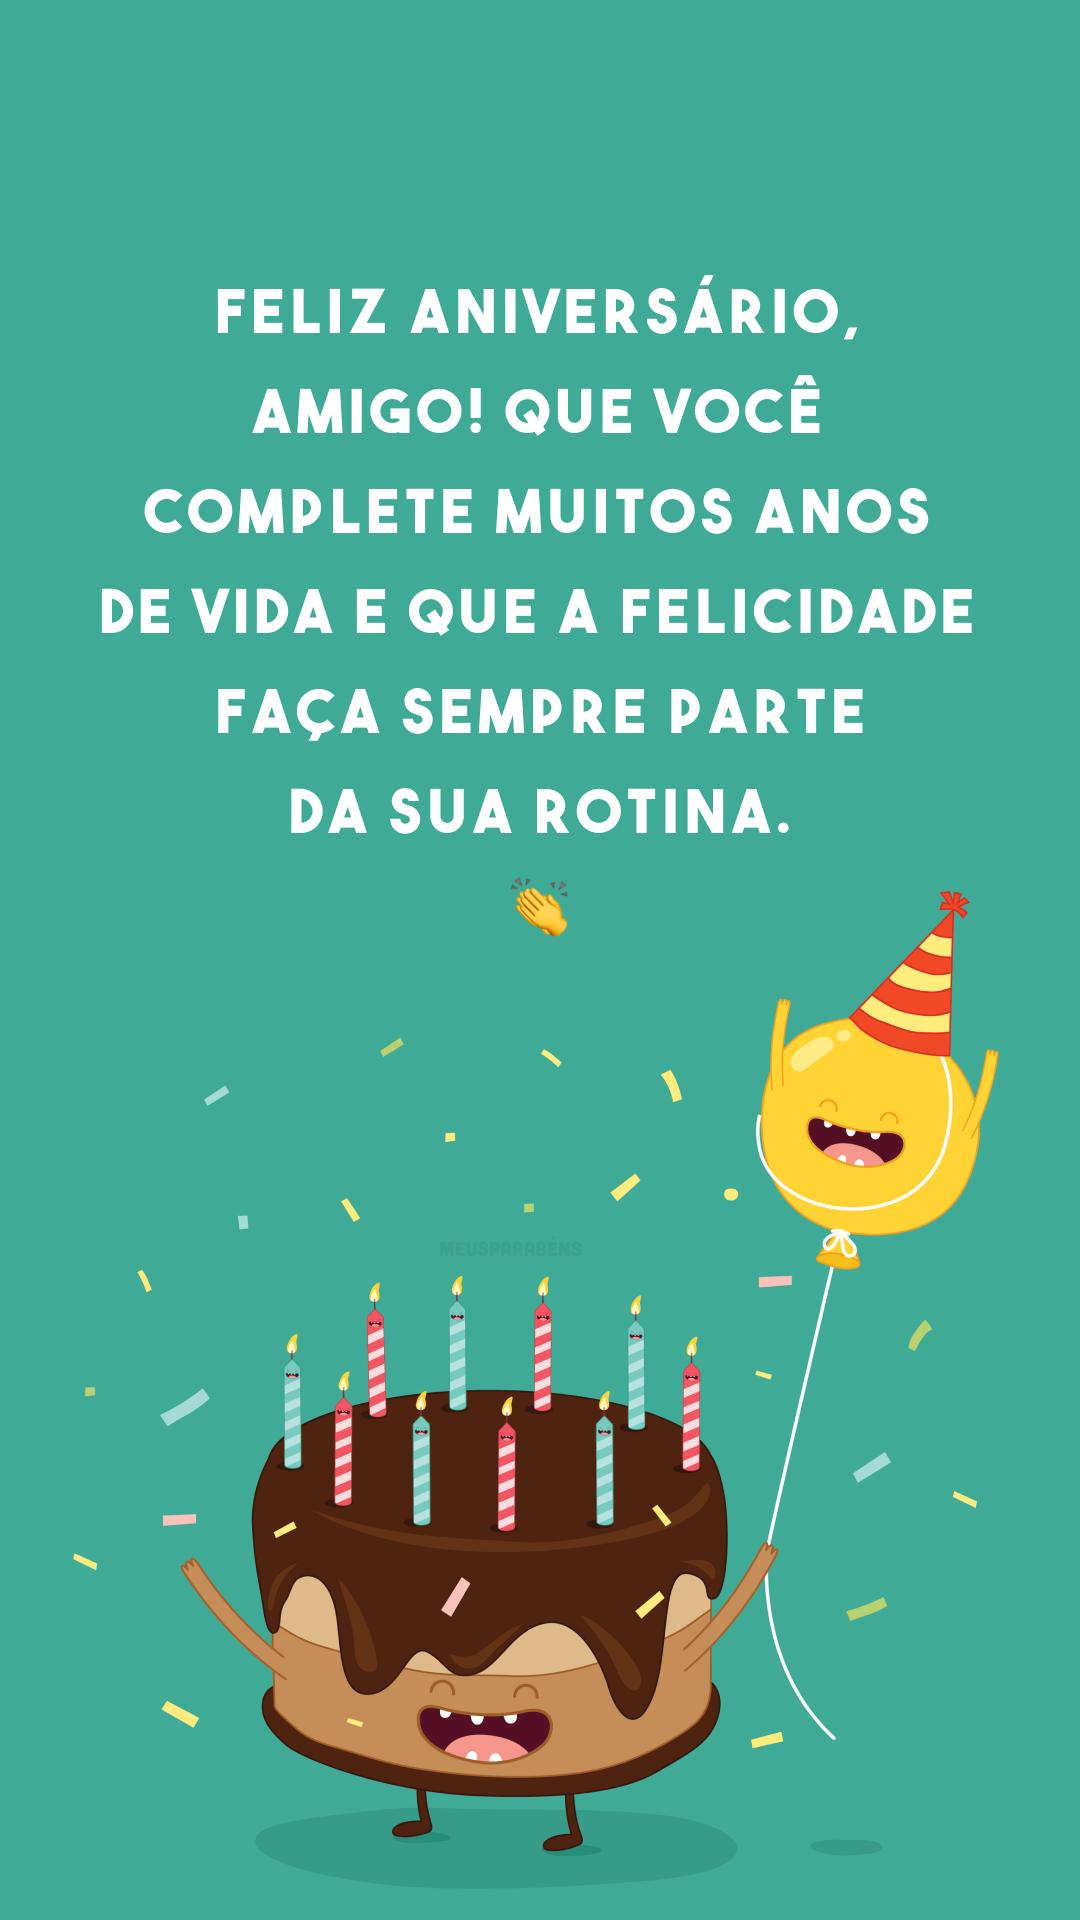 Feliz aniversário, amigo! Que você complete muitos anos de vida e que a felicidade faça sempre parte da sua rotina. 👏